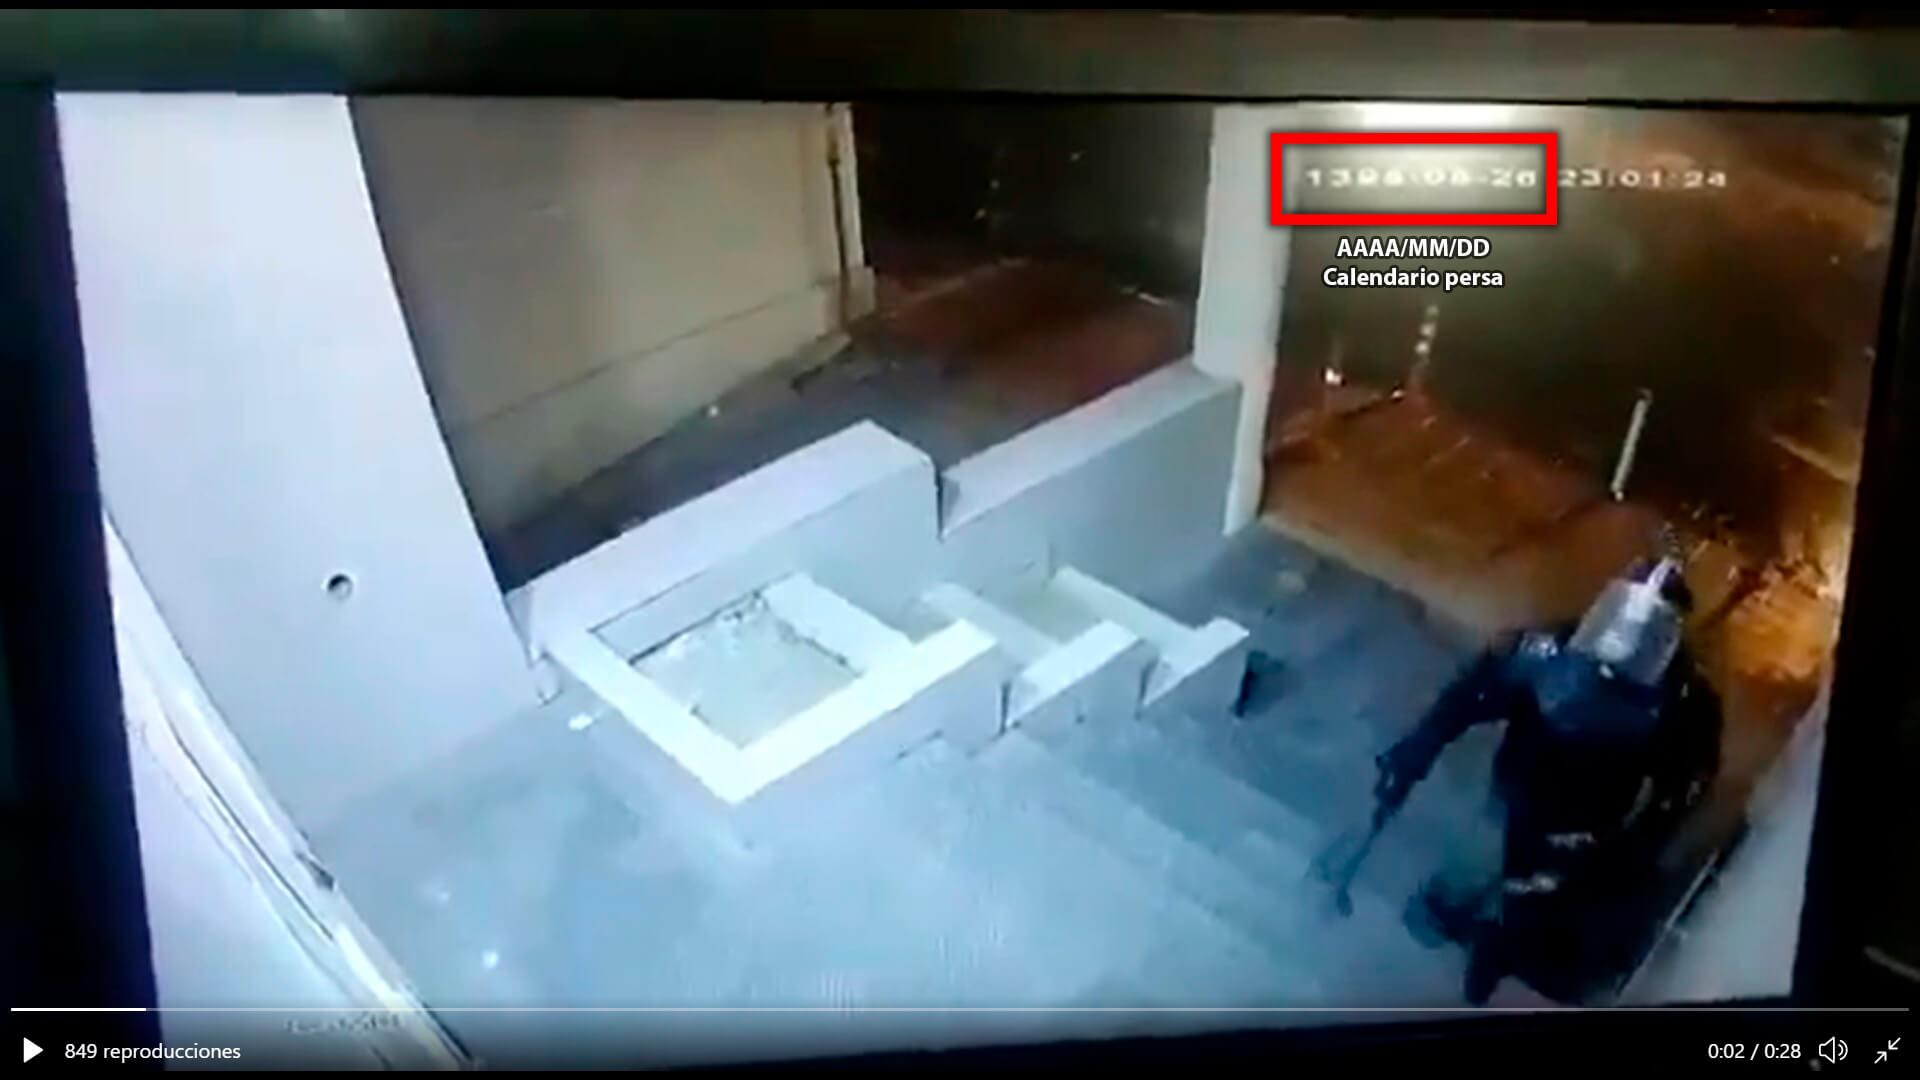 Fotograma de video de policías rompiendo vidrios donde se ve fecha en calendario persa